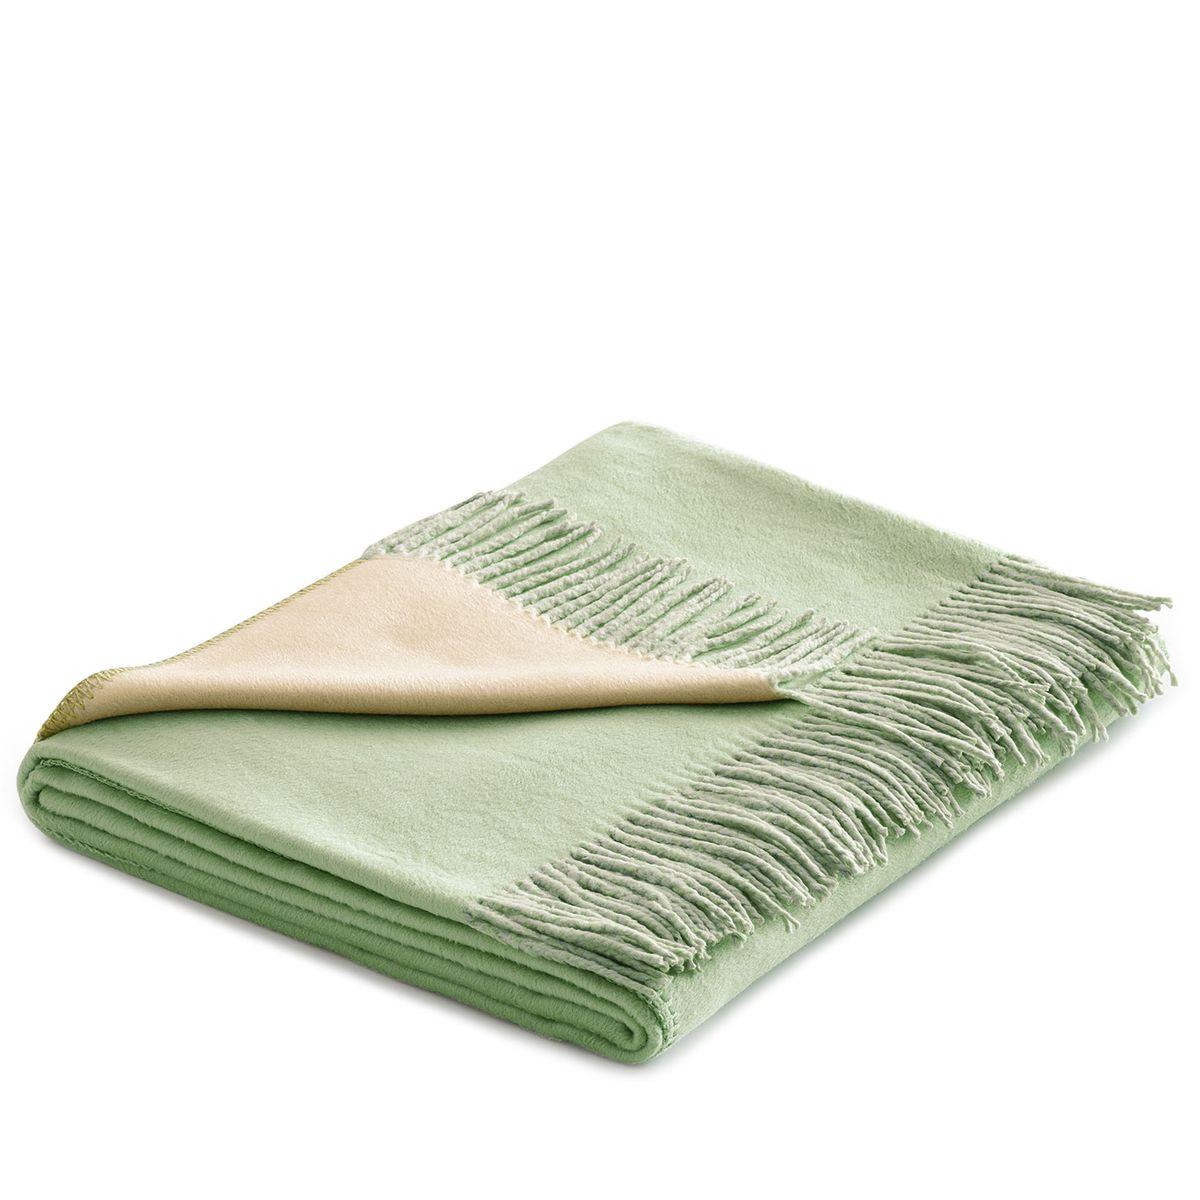 Плед Togas Хлопок-Шелк, цвет: бежевый, зеленый, 200 х 210 см20.03.10.0008Утонченный плед из шелка от Togas - это высшая роскошь и настоящее наслаждение. Нежное, скользящее прикосновение этой божественной ткани наполняет блаженством и легкостью... Необычный дизайн позволяет в мгновение ока трансформировать пространство вашей спальни или гостиной: просто поверните плед стороной того цвета, который вам сейчас по душе, - и наслаждайтесь непринужденной грацией элегантно драпирующихся складок, ниспадающих шелковистым каскадом. Несмотря на удивительную тонкость и невесомость, плед из шелка и хлопка очень практичен и прост в уходе, а значит - прослужит вам долгие годы, став неотъемлемой частью вашего уюта и комфорта.